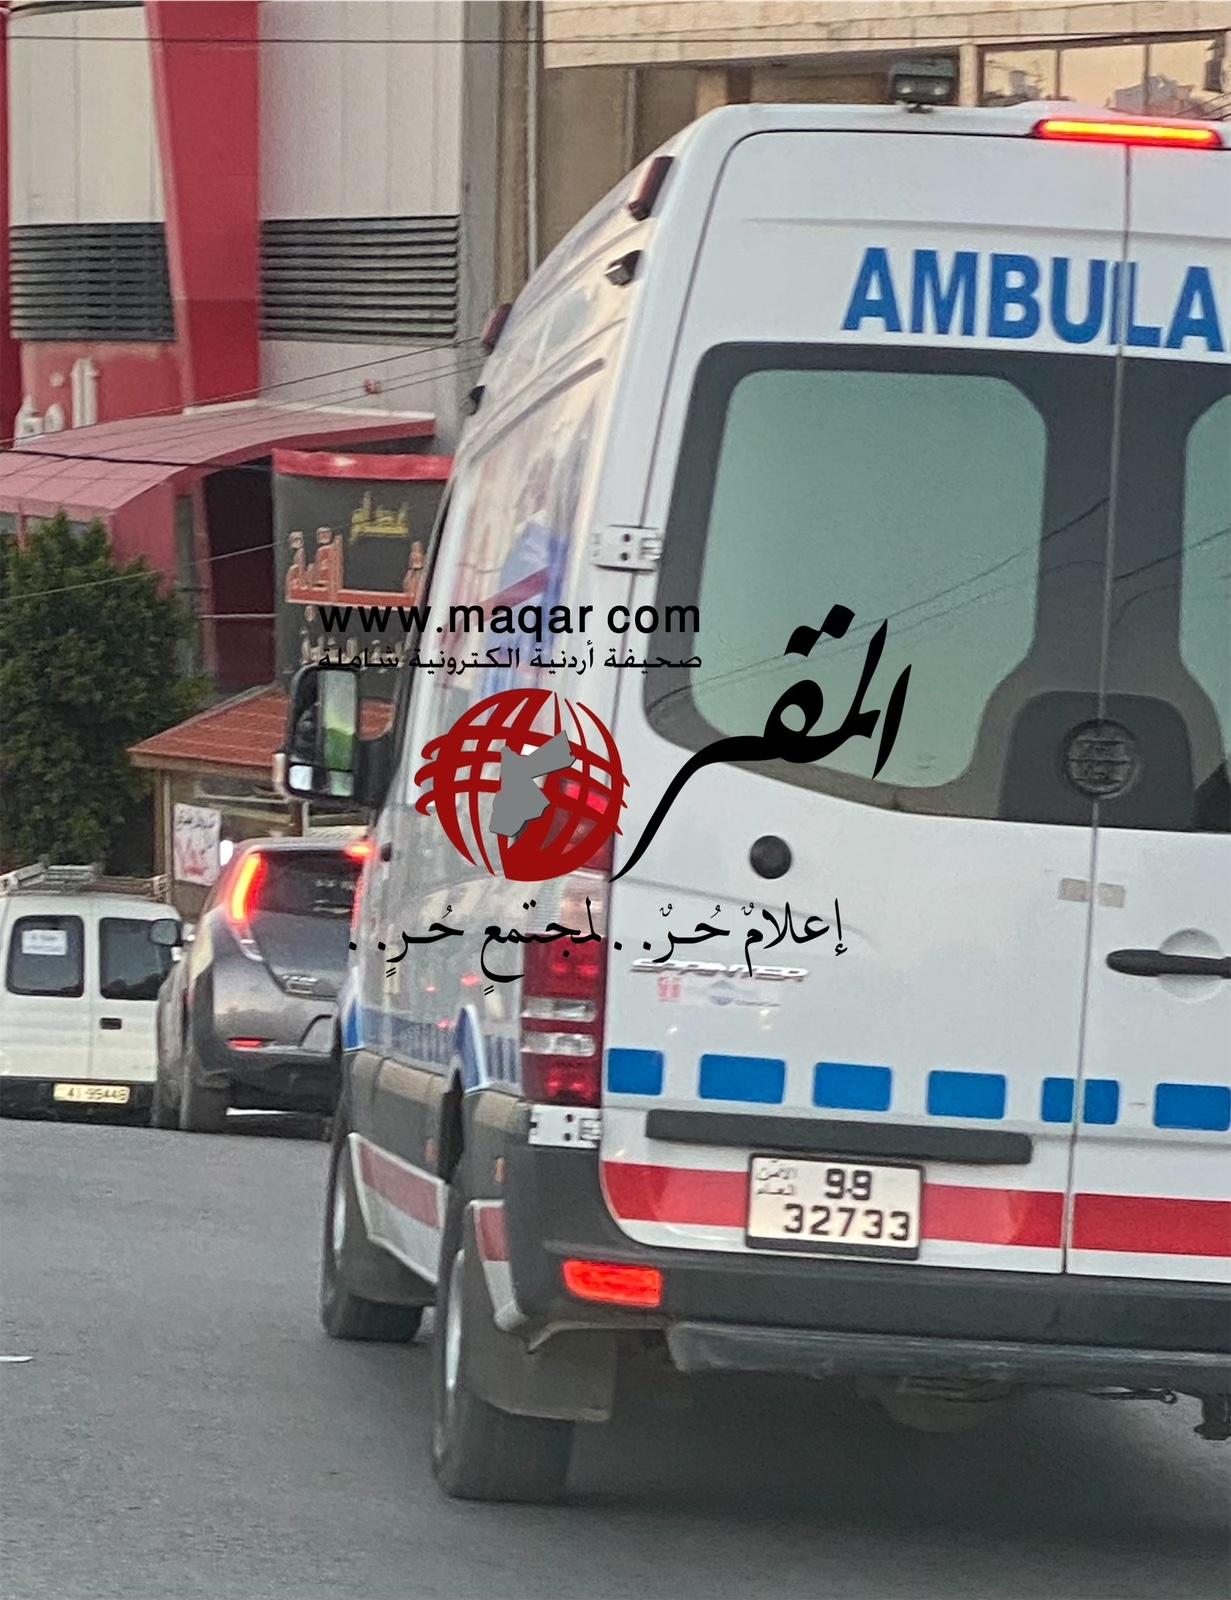 الصحة : 6 وفيات و 533 إصابة جديدة بكورونا في المملكة